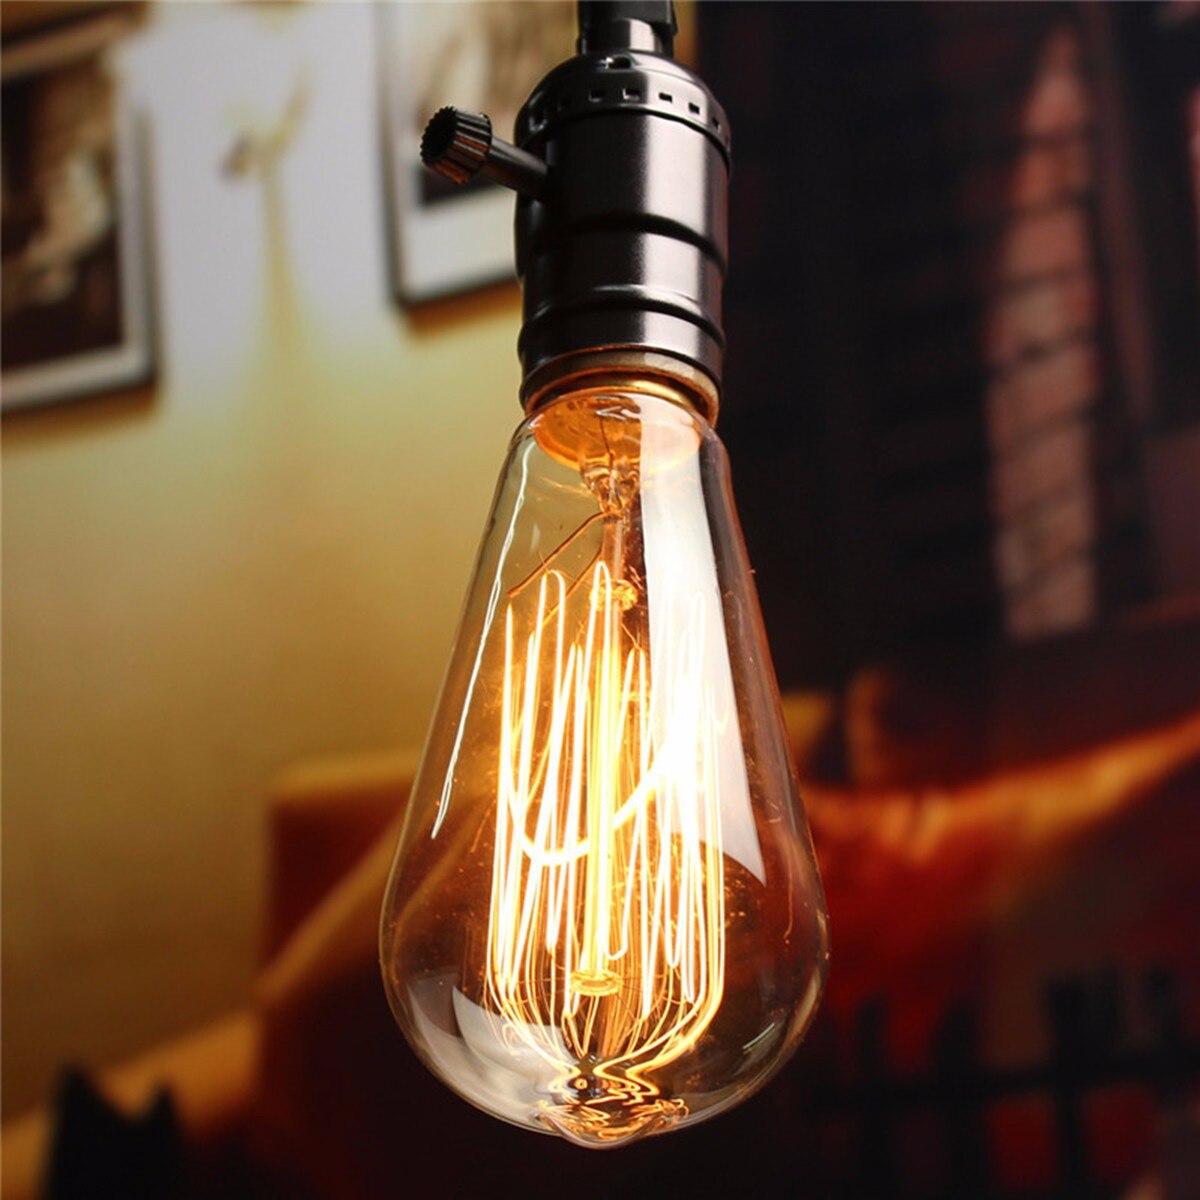 6 uds E27 60W Edison Vintage bombilla antigua de filamento de carbono Industrial de vidrio lámpara de filamento de ampolla incandescente Bombillas Edison clásicas bombilla de luz con filamento LED E27 4W 220V 240V bombilla incandescente Retro cálida bombilla Edison para lámpara colgante